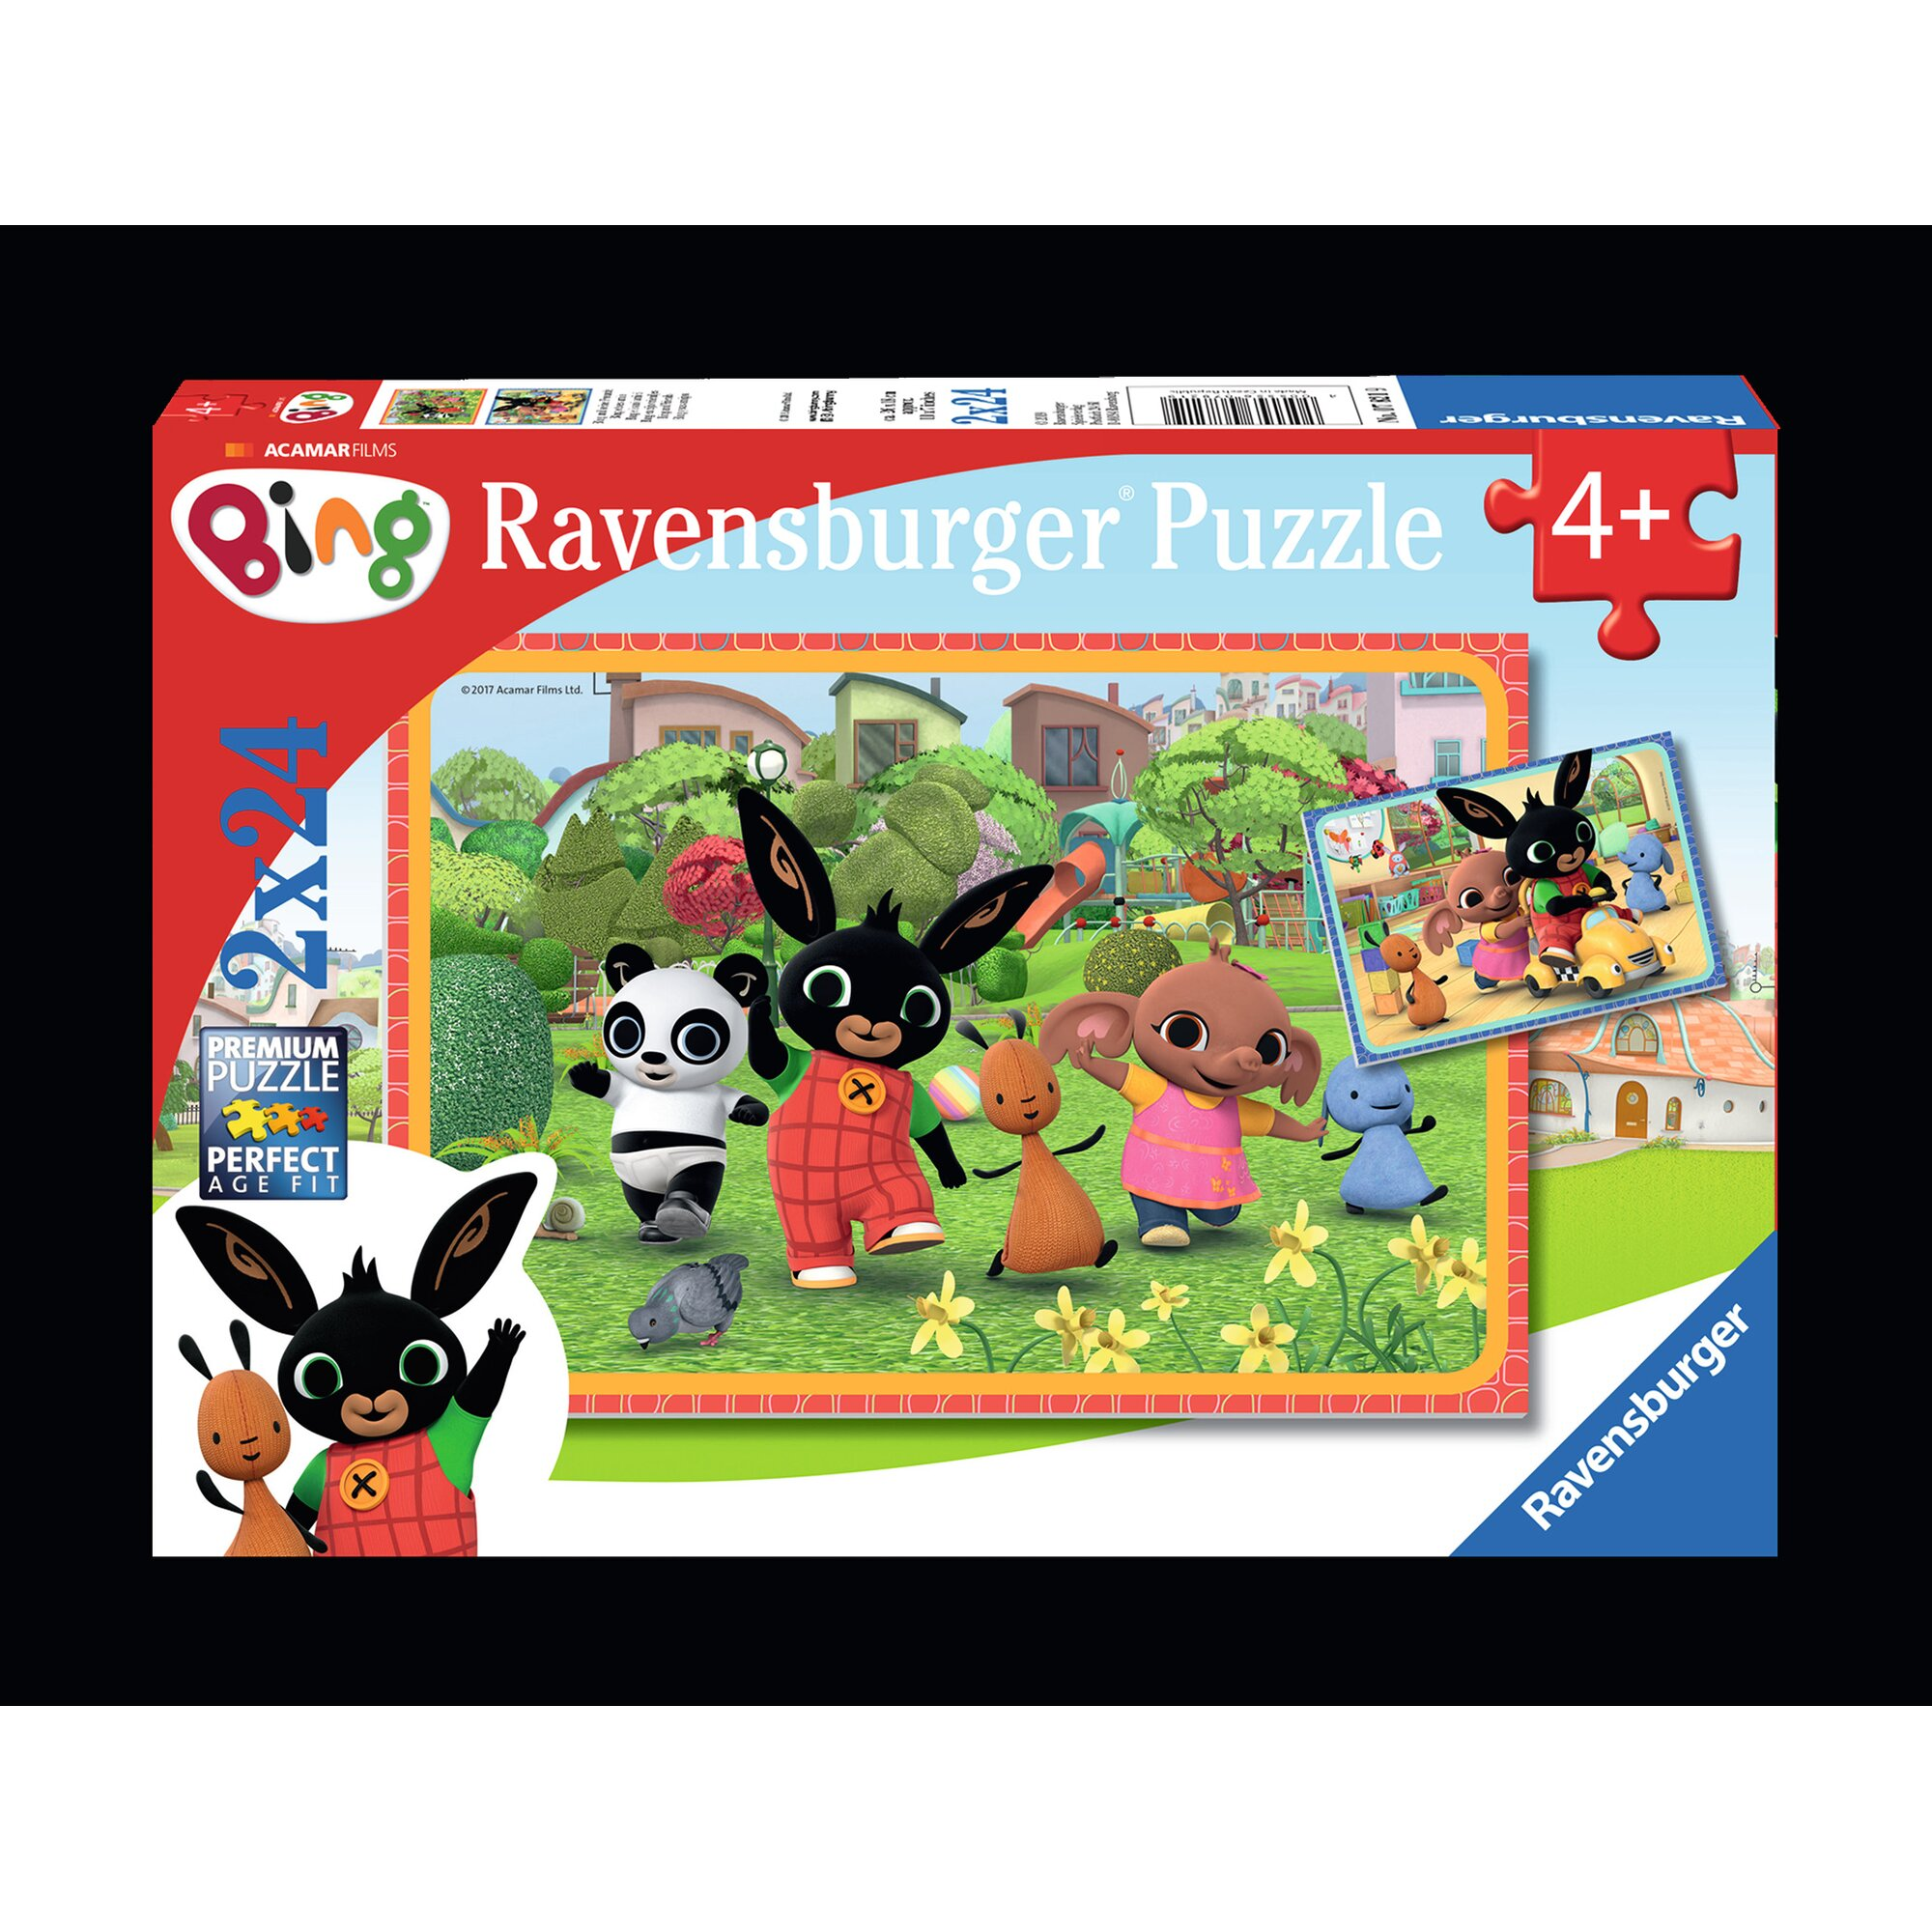 ravensburger-zwei-kinderpuzzles-inkl-mini-postern-24-teile-bing-und-seine-freunde